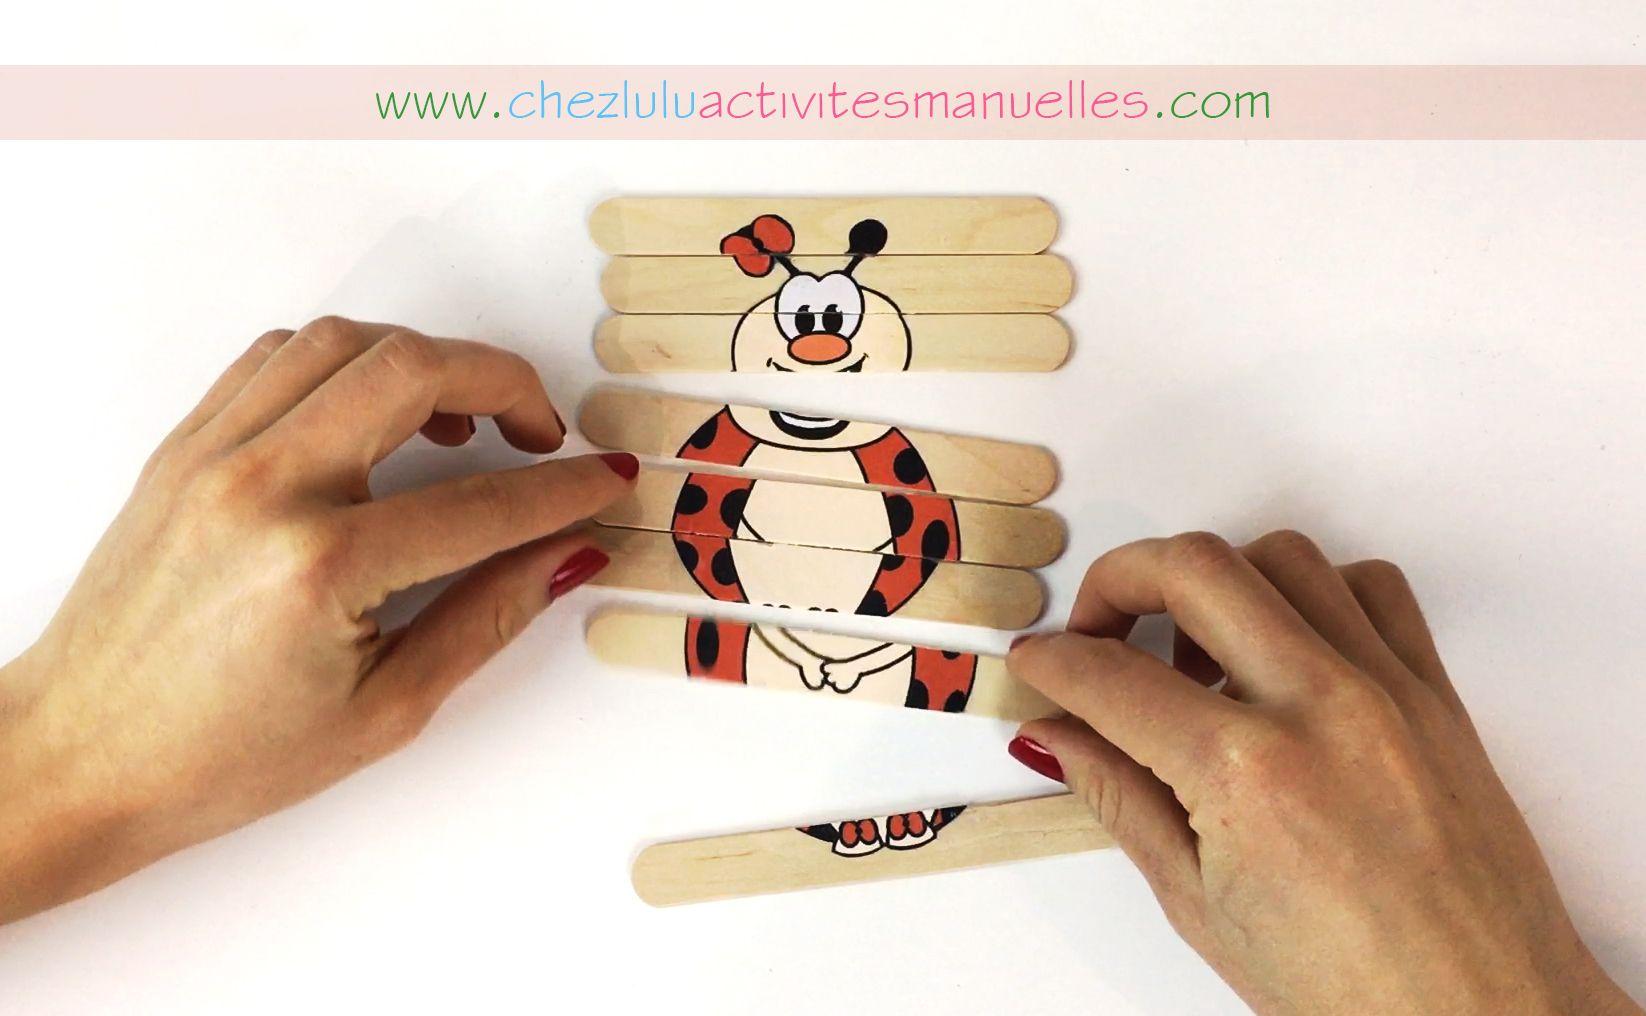 Voici un petit air de printemps ! Un puzzle coccinelle à fabriquer grâce à des bâtons de glaces ! C'est facile à faire et ça ne coûte pas cher ! :) Amusez-vous bien !